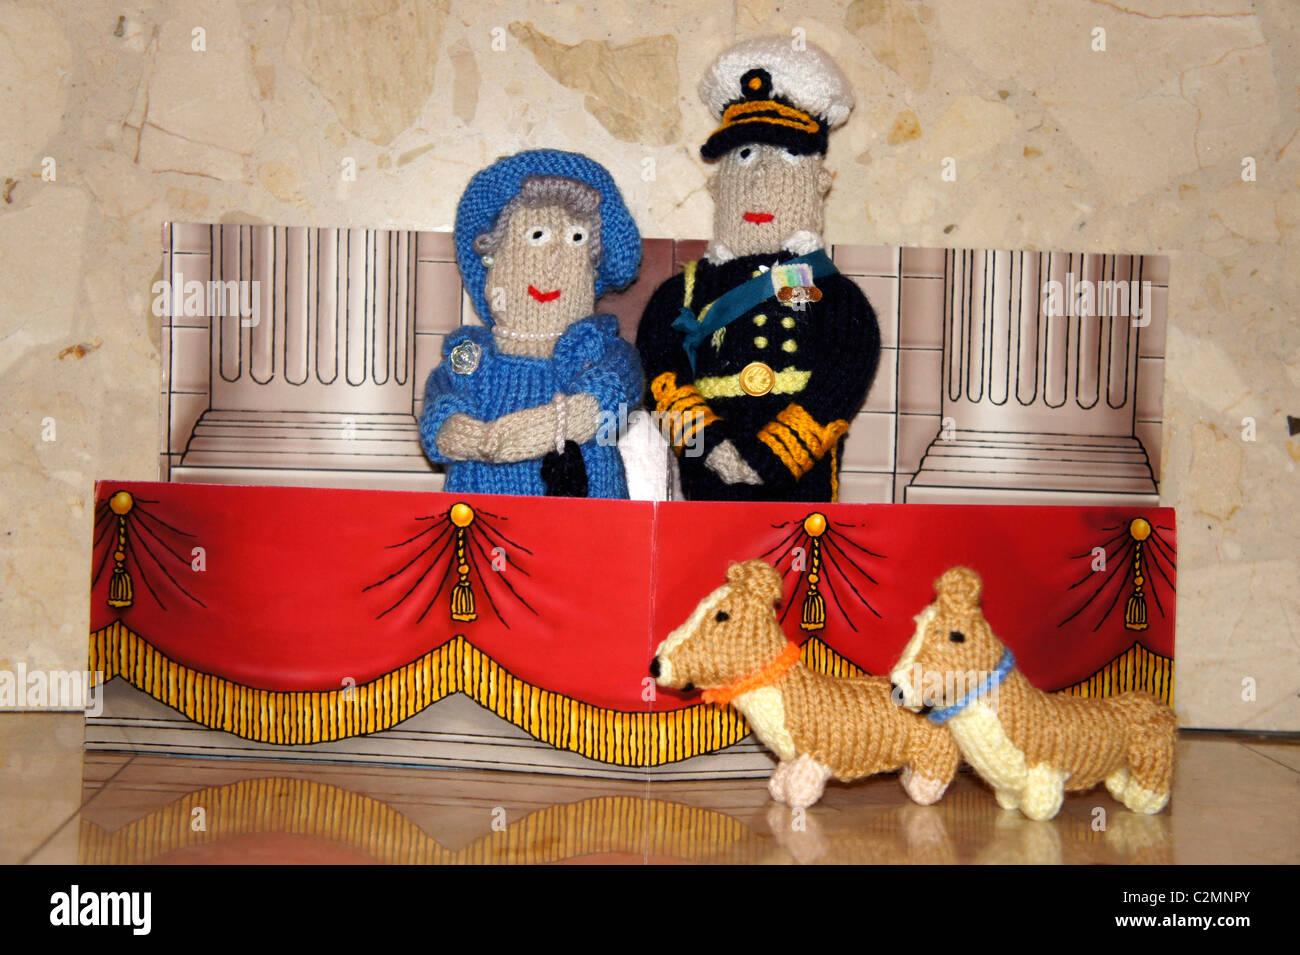 Su Alteza Real la Reina Isabel, el Príncipe Felipe y corgi, tejida de cifras. Boda Real. Foto de stock